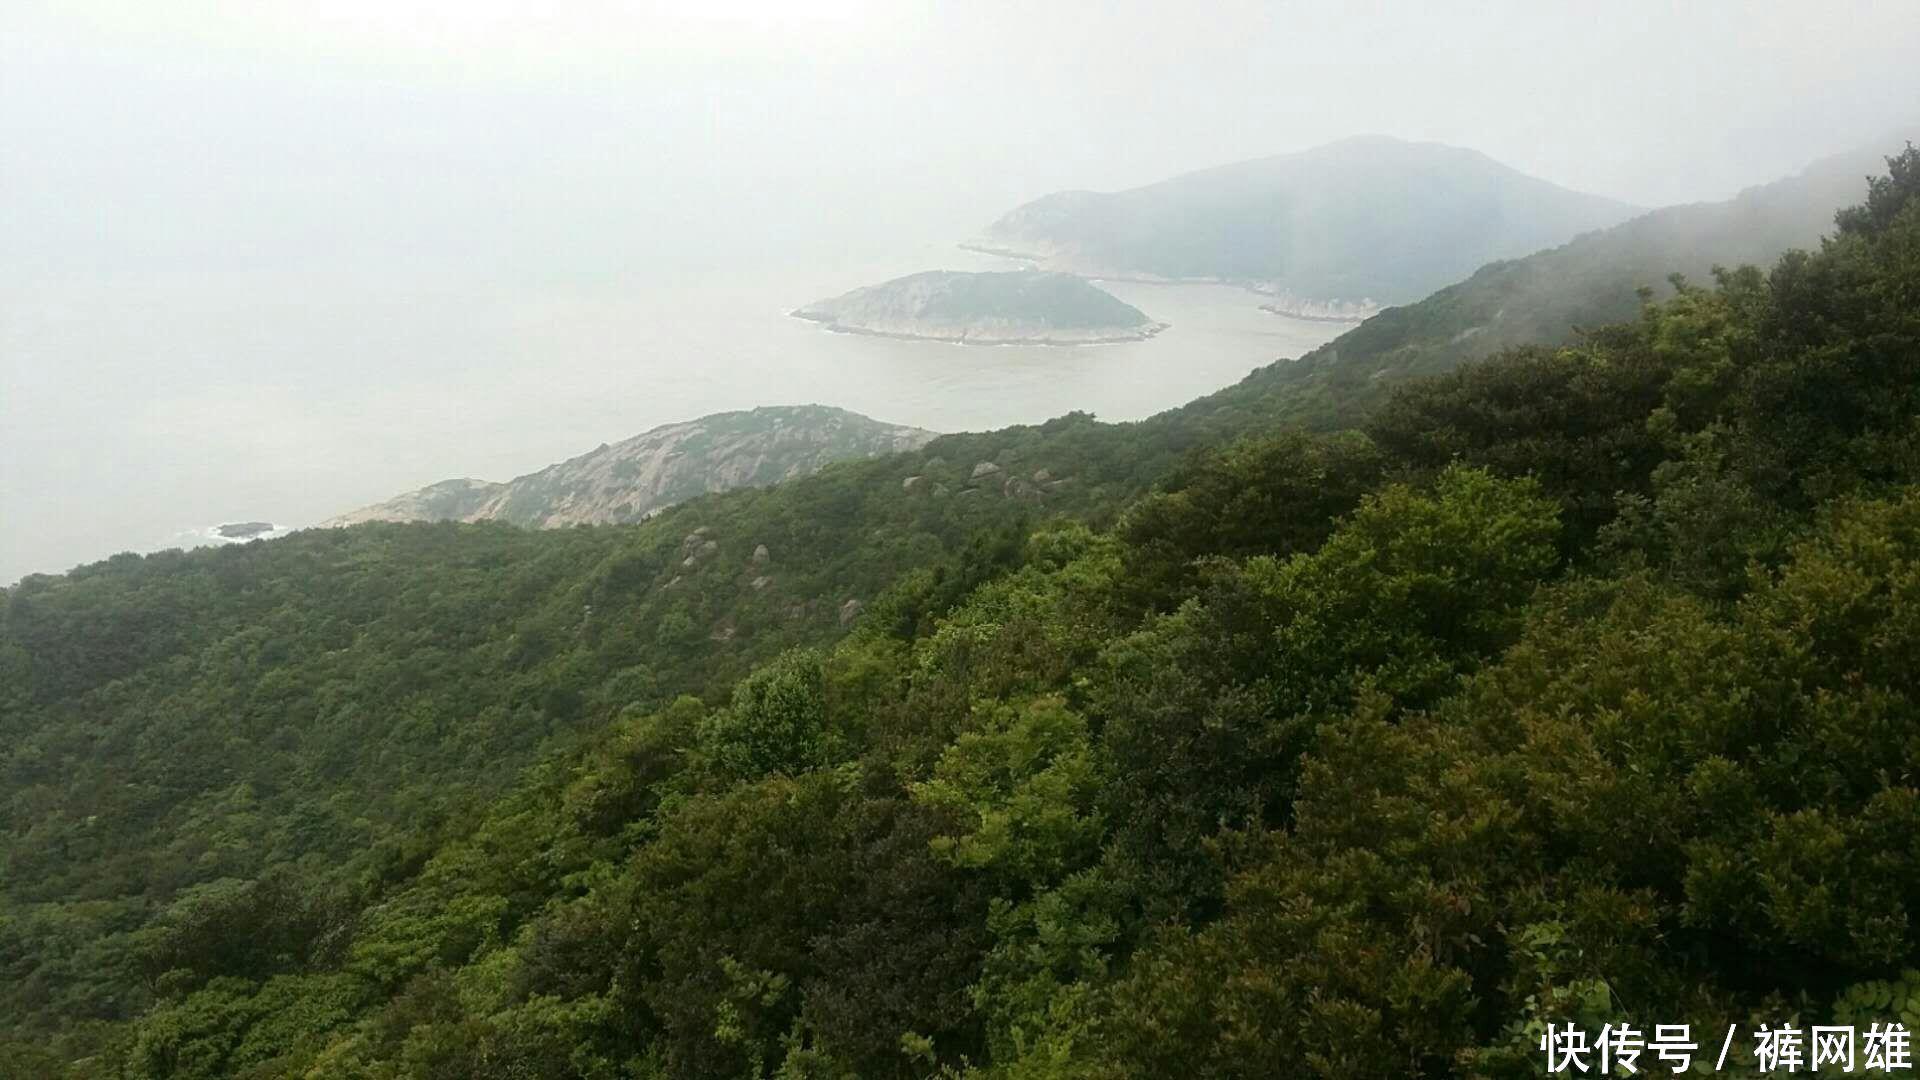 大青山风景区 赛过江西龙虎山 美过资源天门山